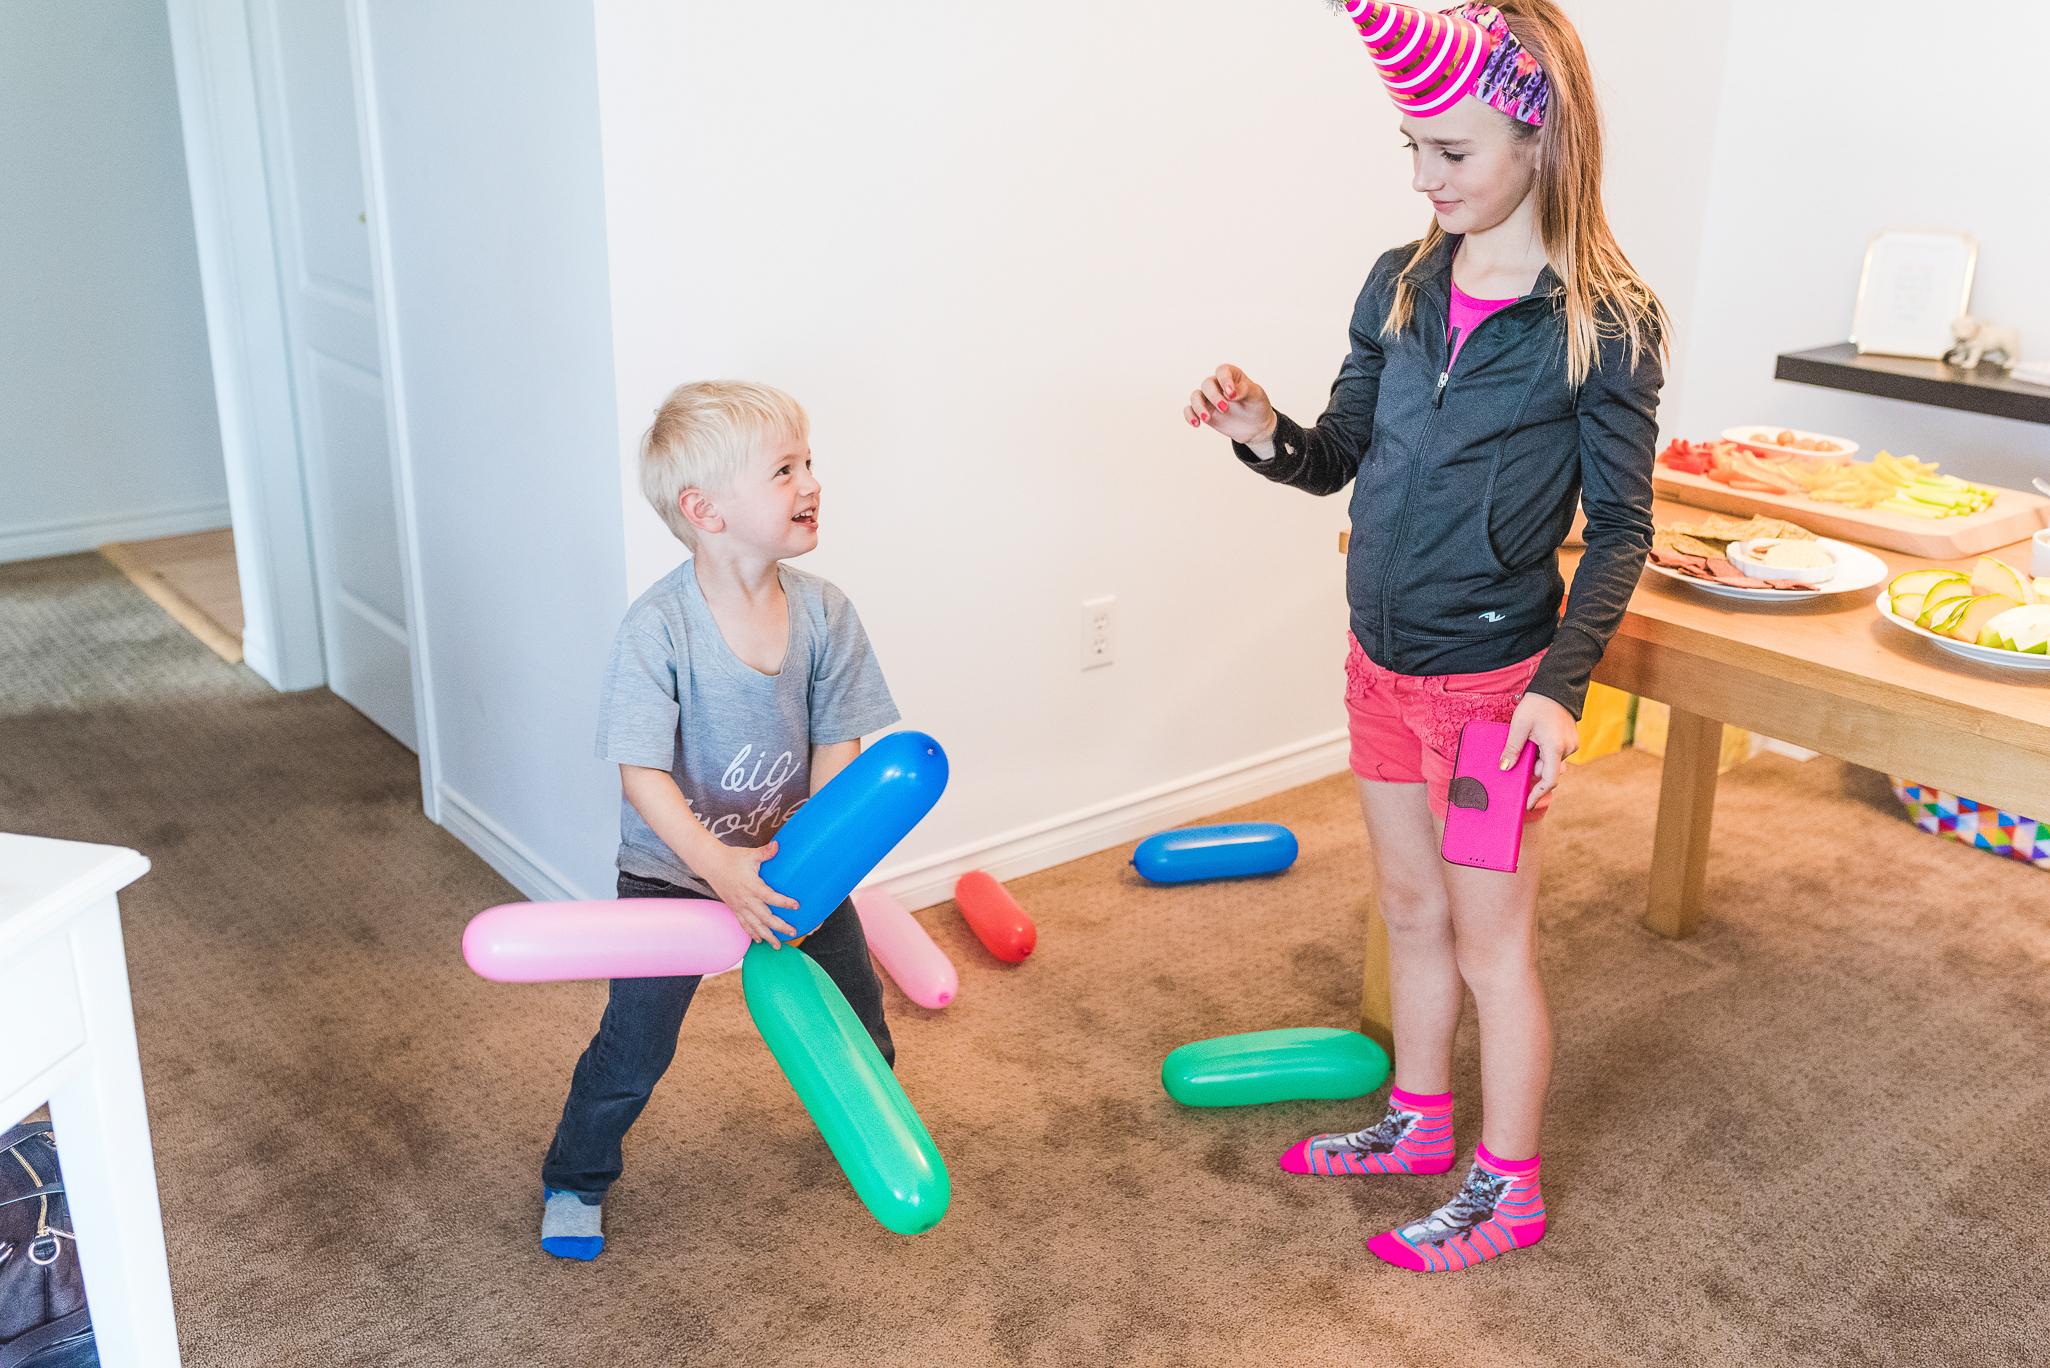 Nicola_Reiersen_Victoria_BC_Childrens_Photographer.jpg